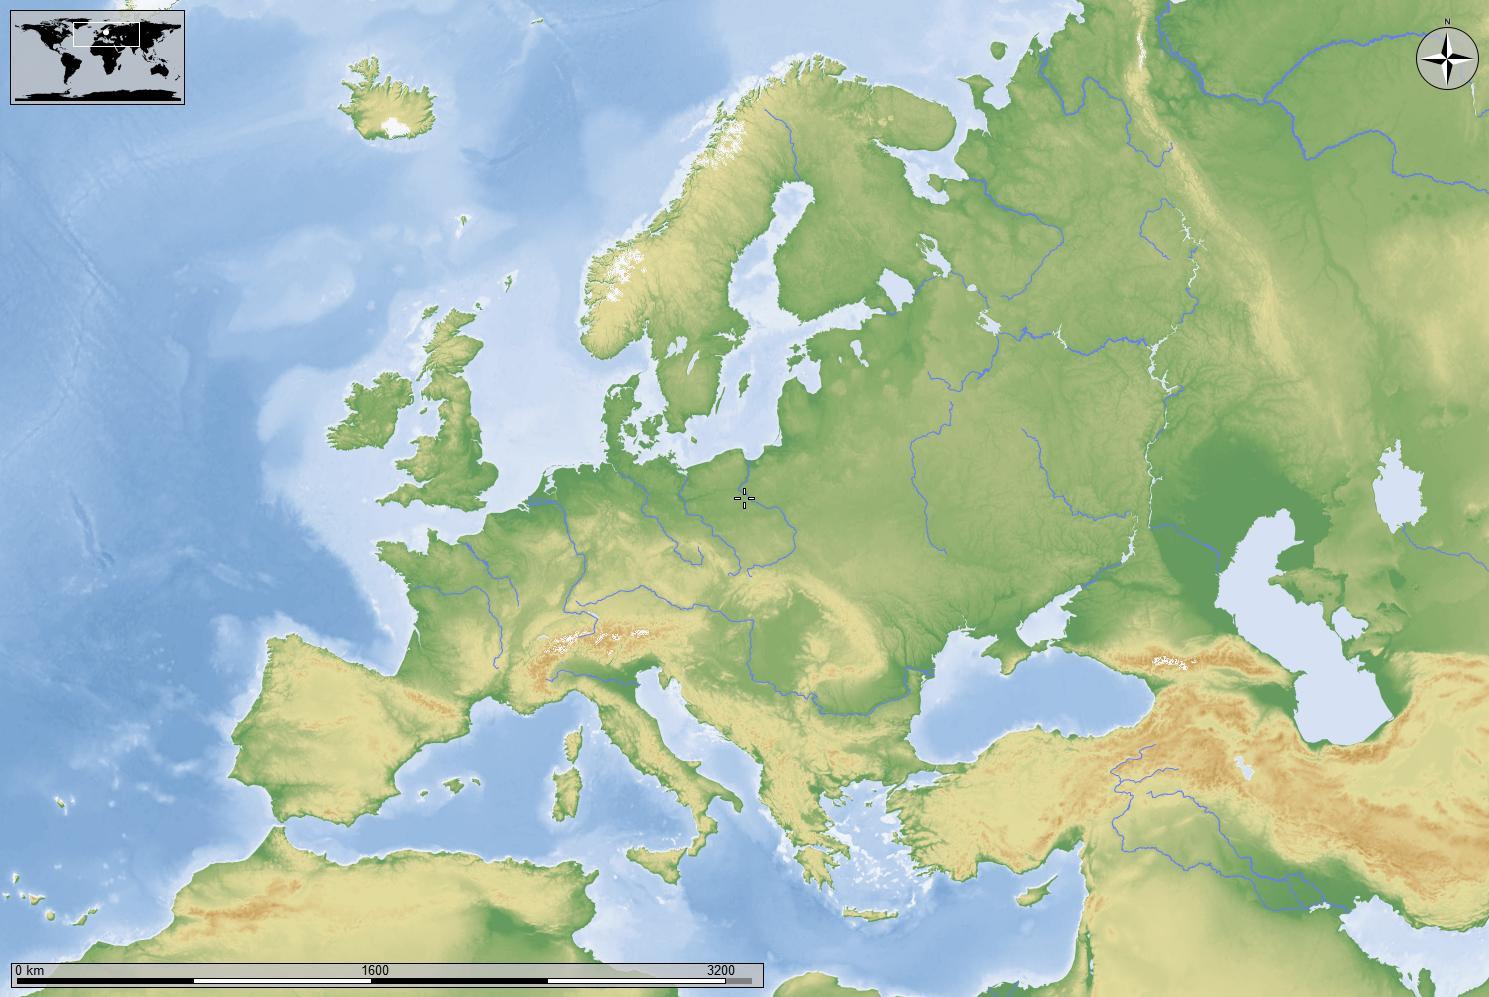 Il mondo dellantica Europa  nuovAtlantideorg